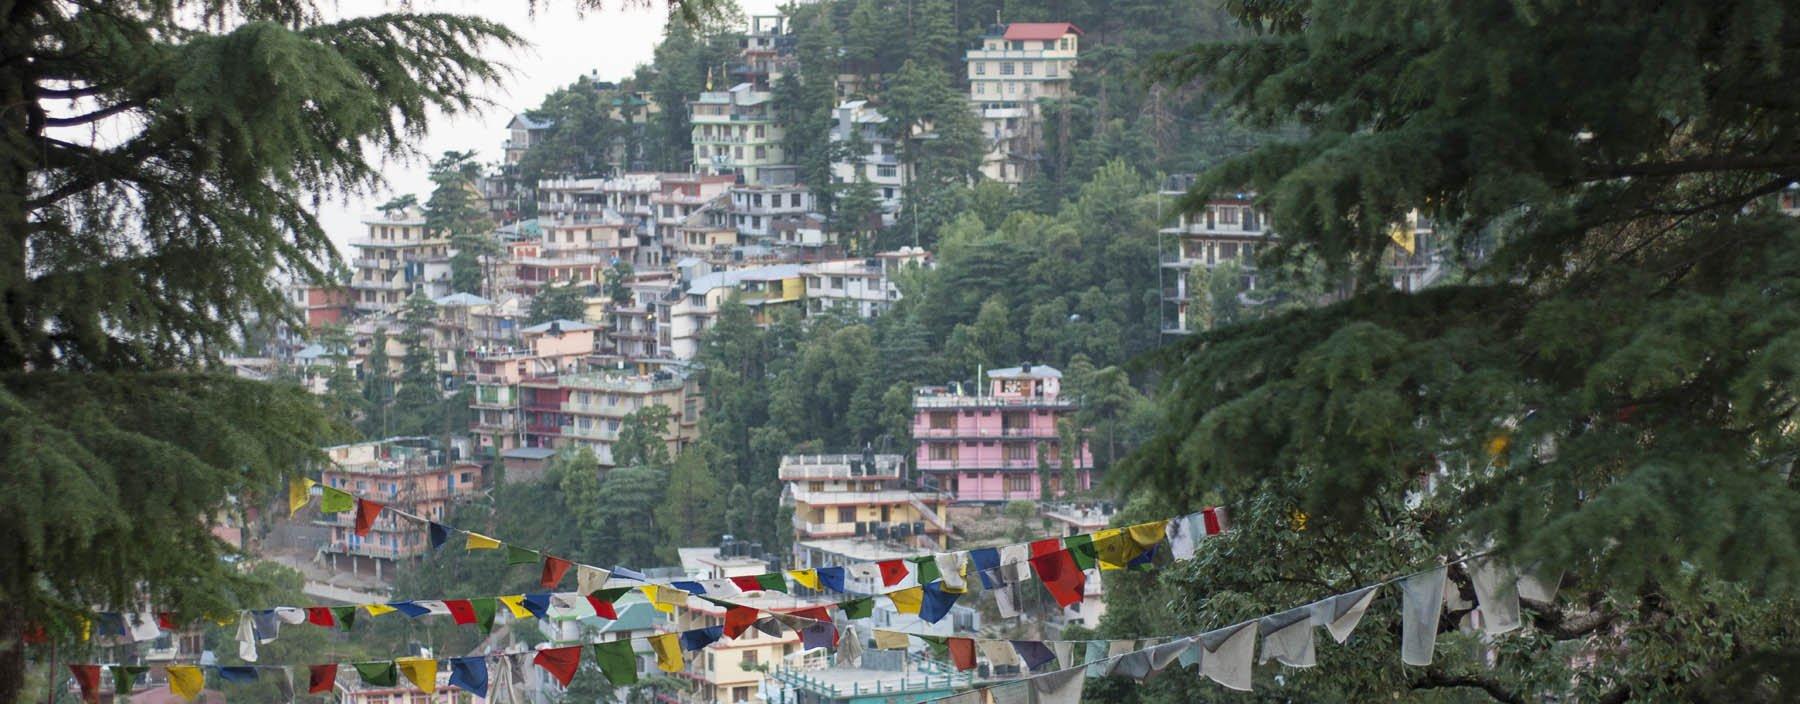 in, dharamsala, mcleod ganj.jpg